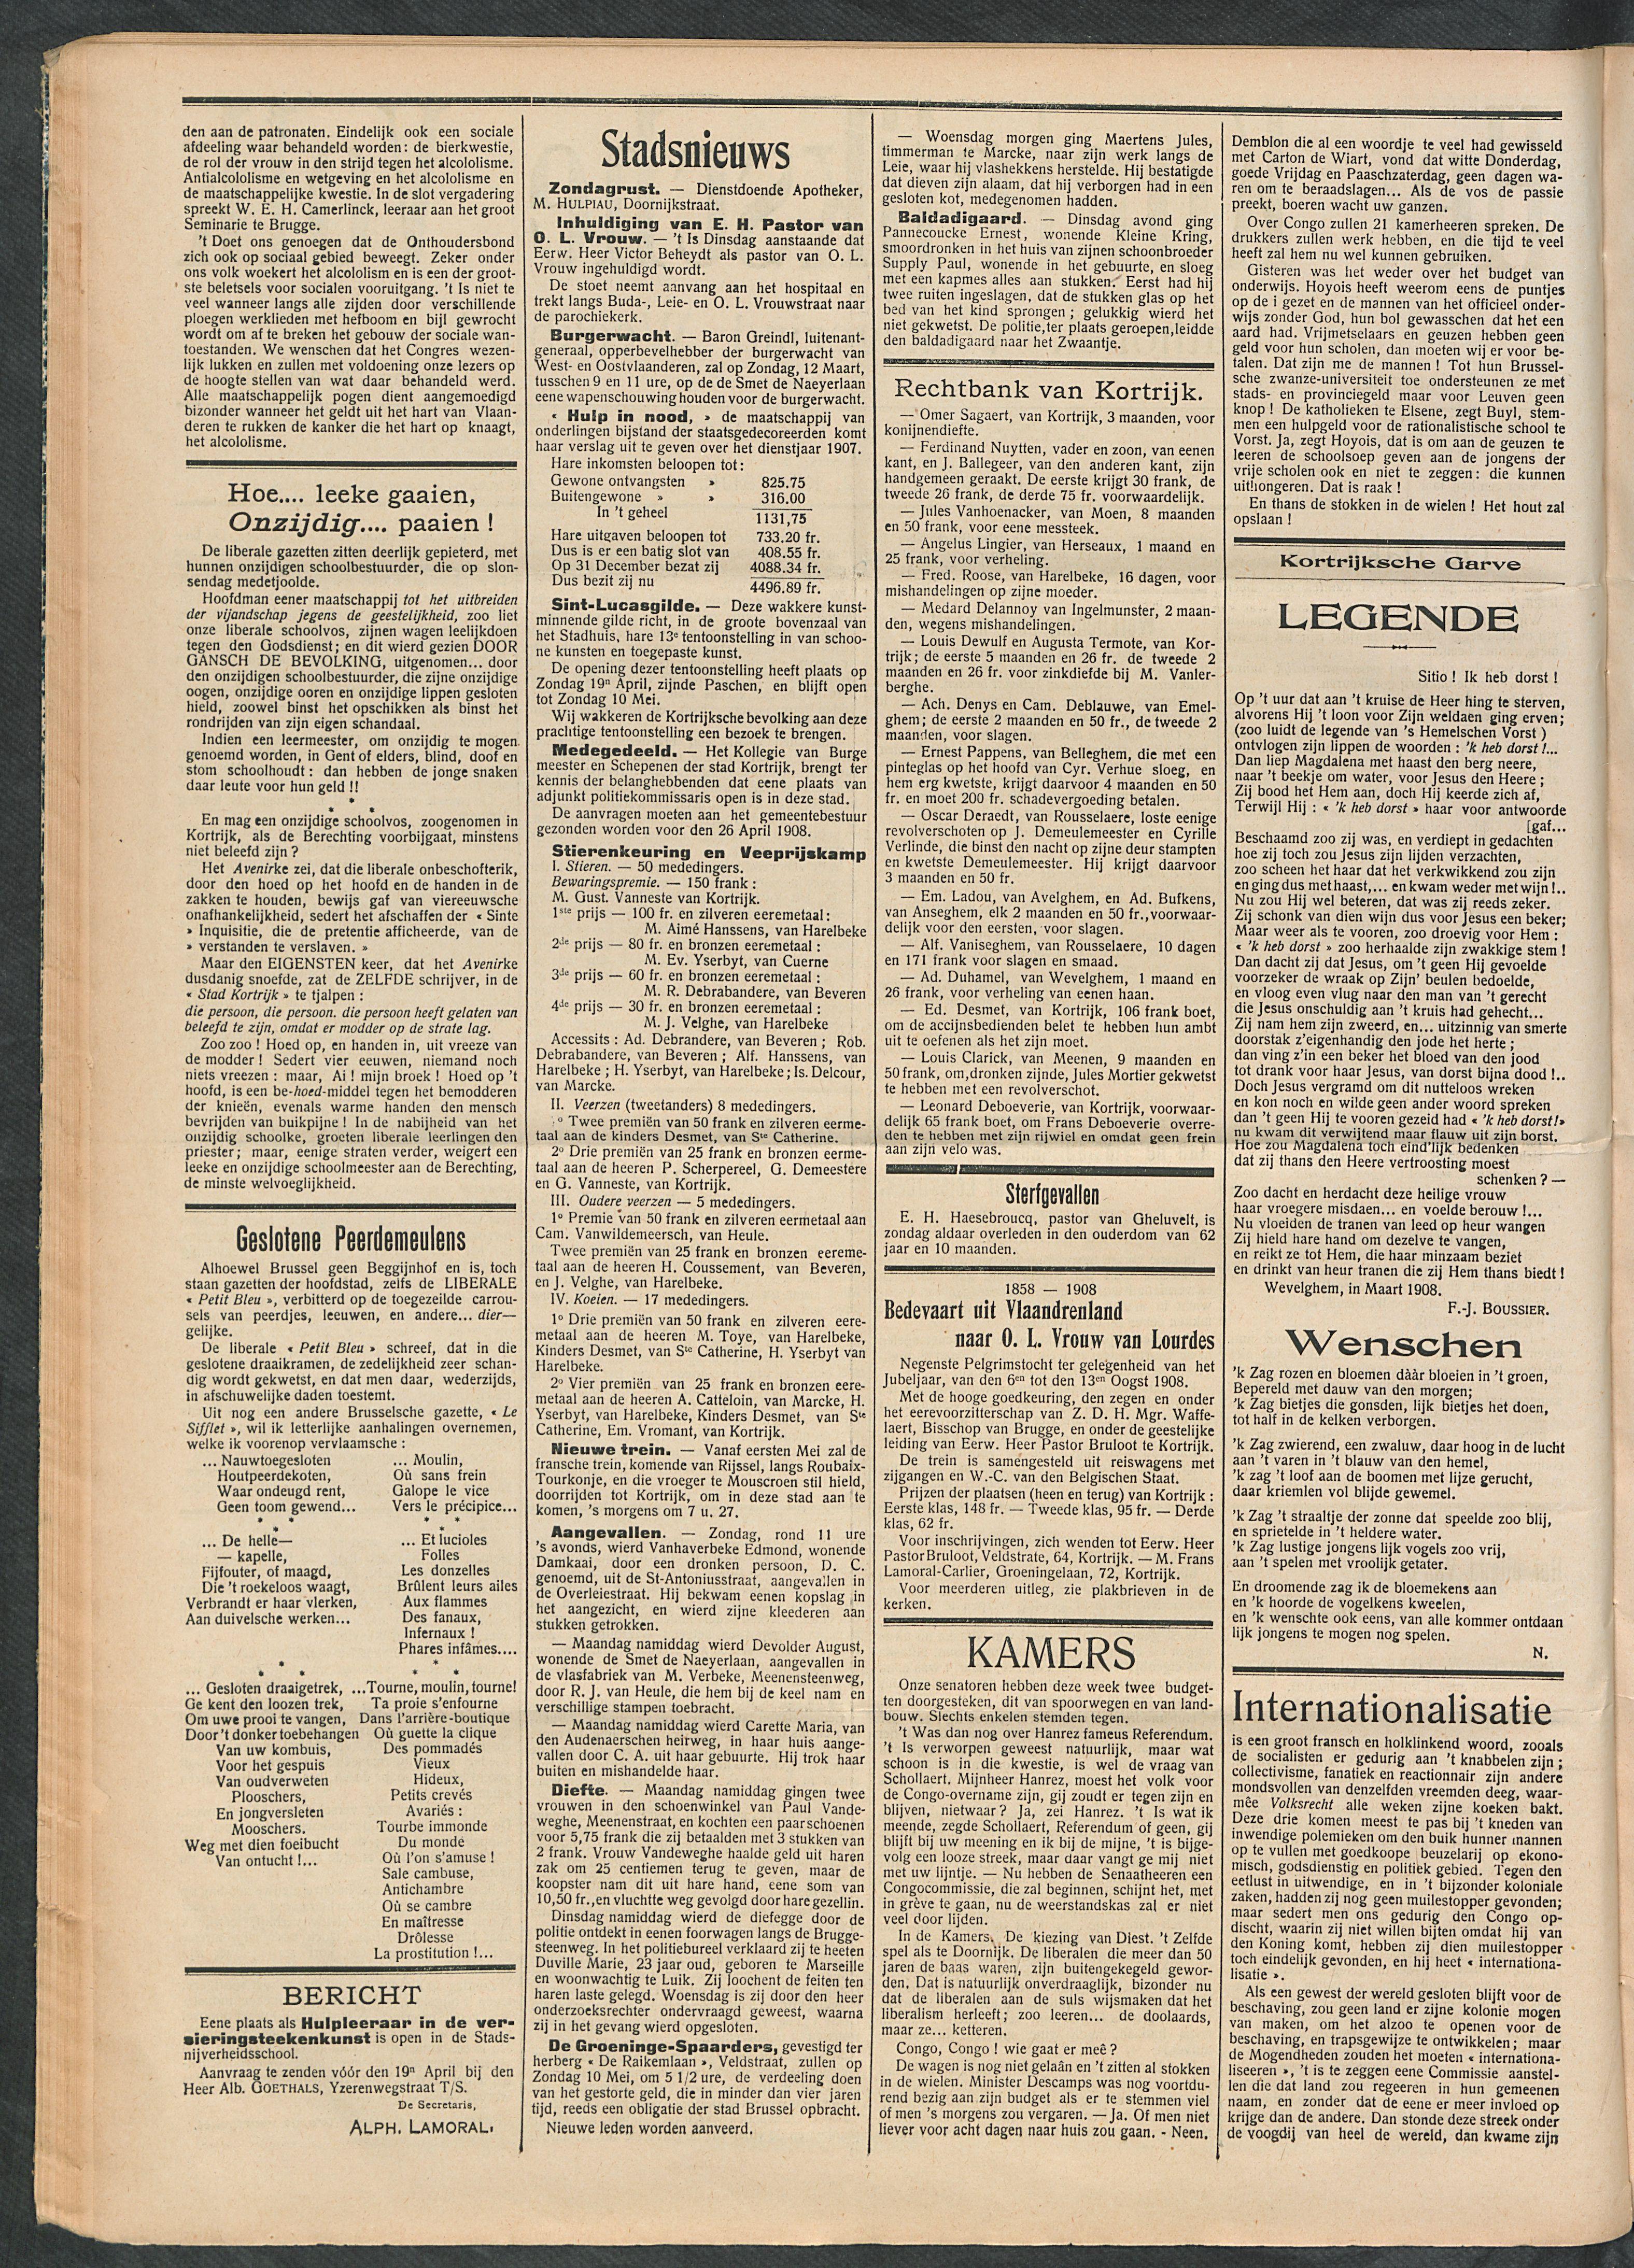 Het Kortrijksche Volk 1908-04-12 p2